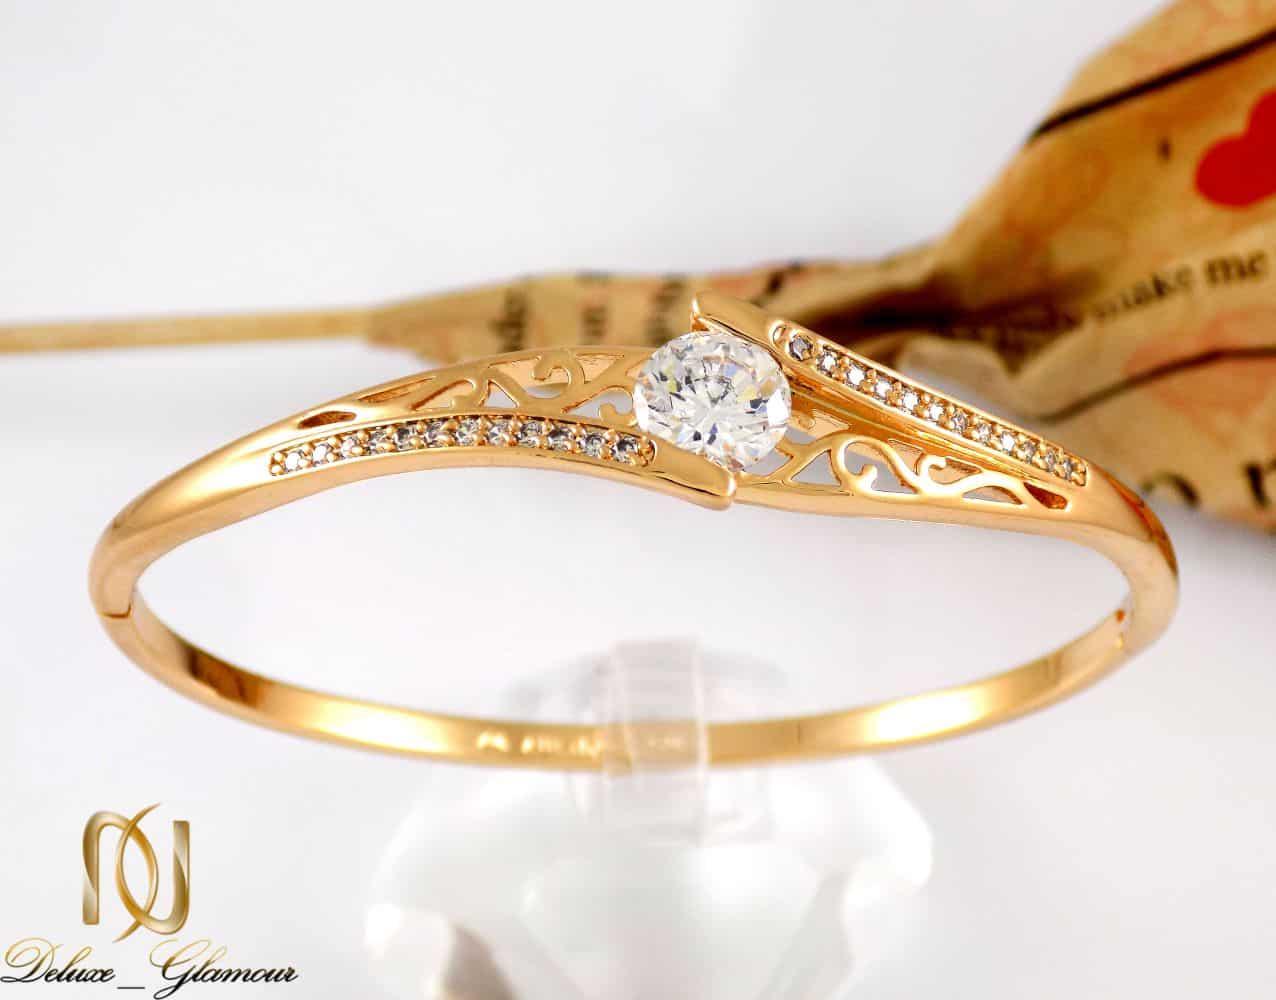 دستبند دخترانه ژوپینگ با قطر 60 میلی و نگین های زیرکونیا ds-n162